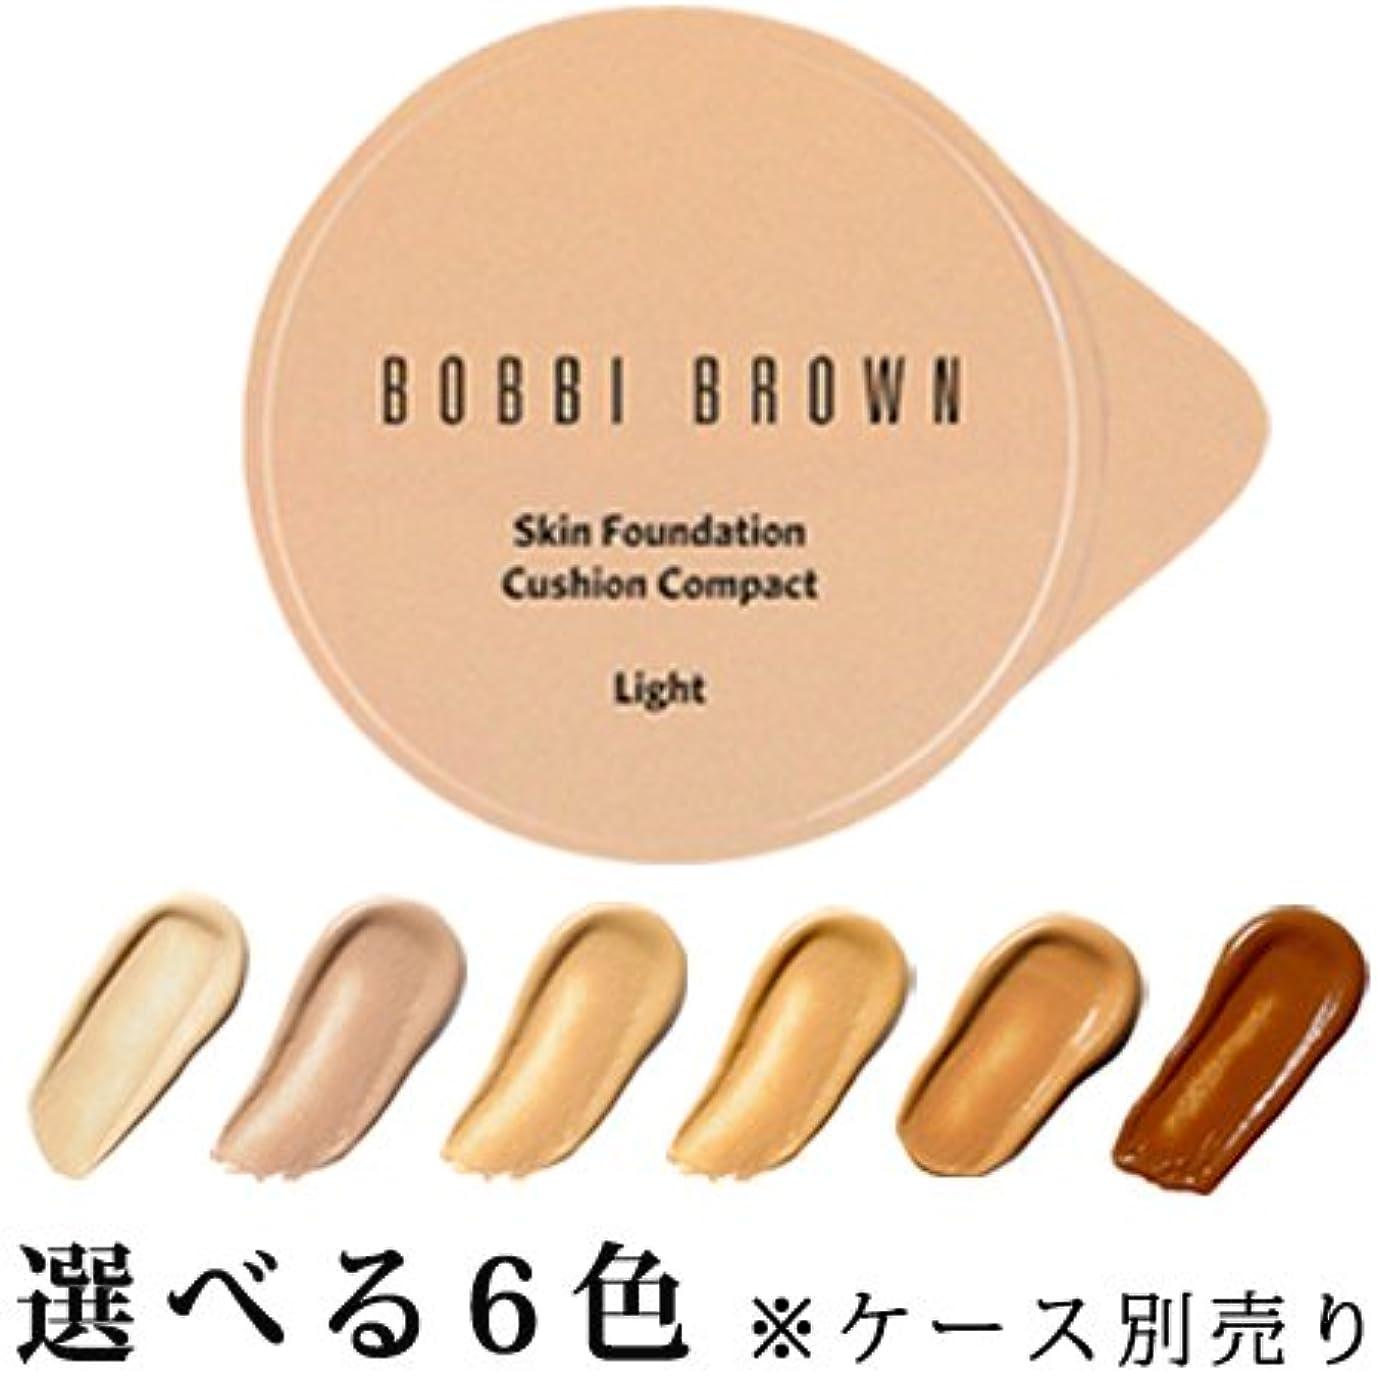 傾いた垂直海嶺ボビイブラウン スキン ファンデーション クッション コンパクト SPF 50 (PA+++) レフィル(スポンジ付)6色展開 -BOBBI BROWN- ライト